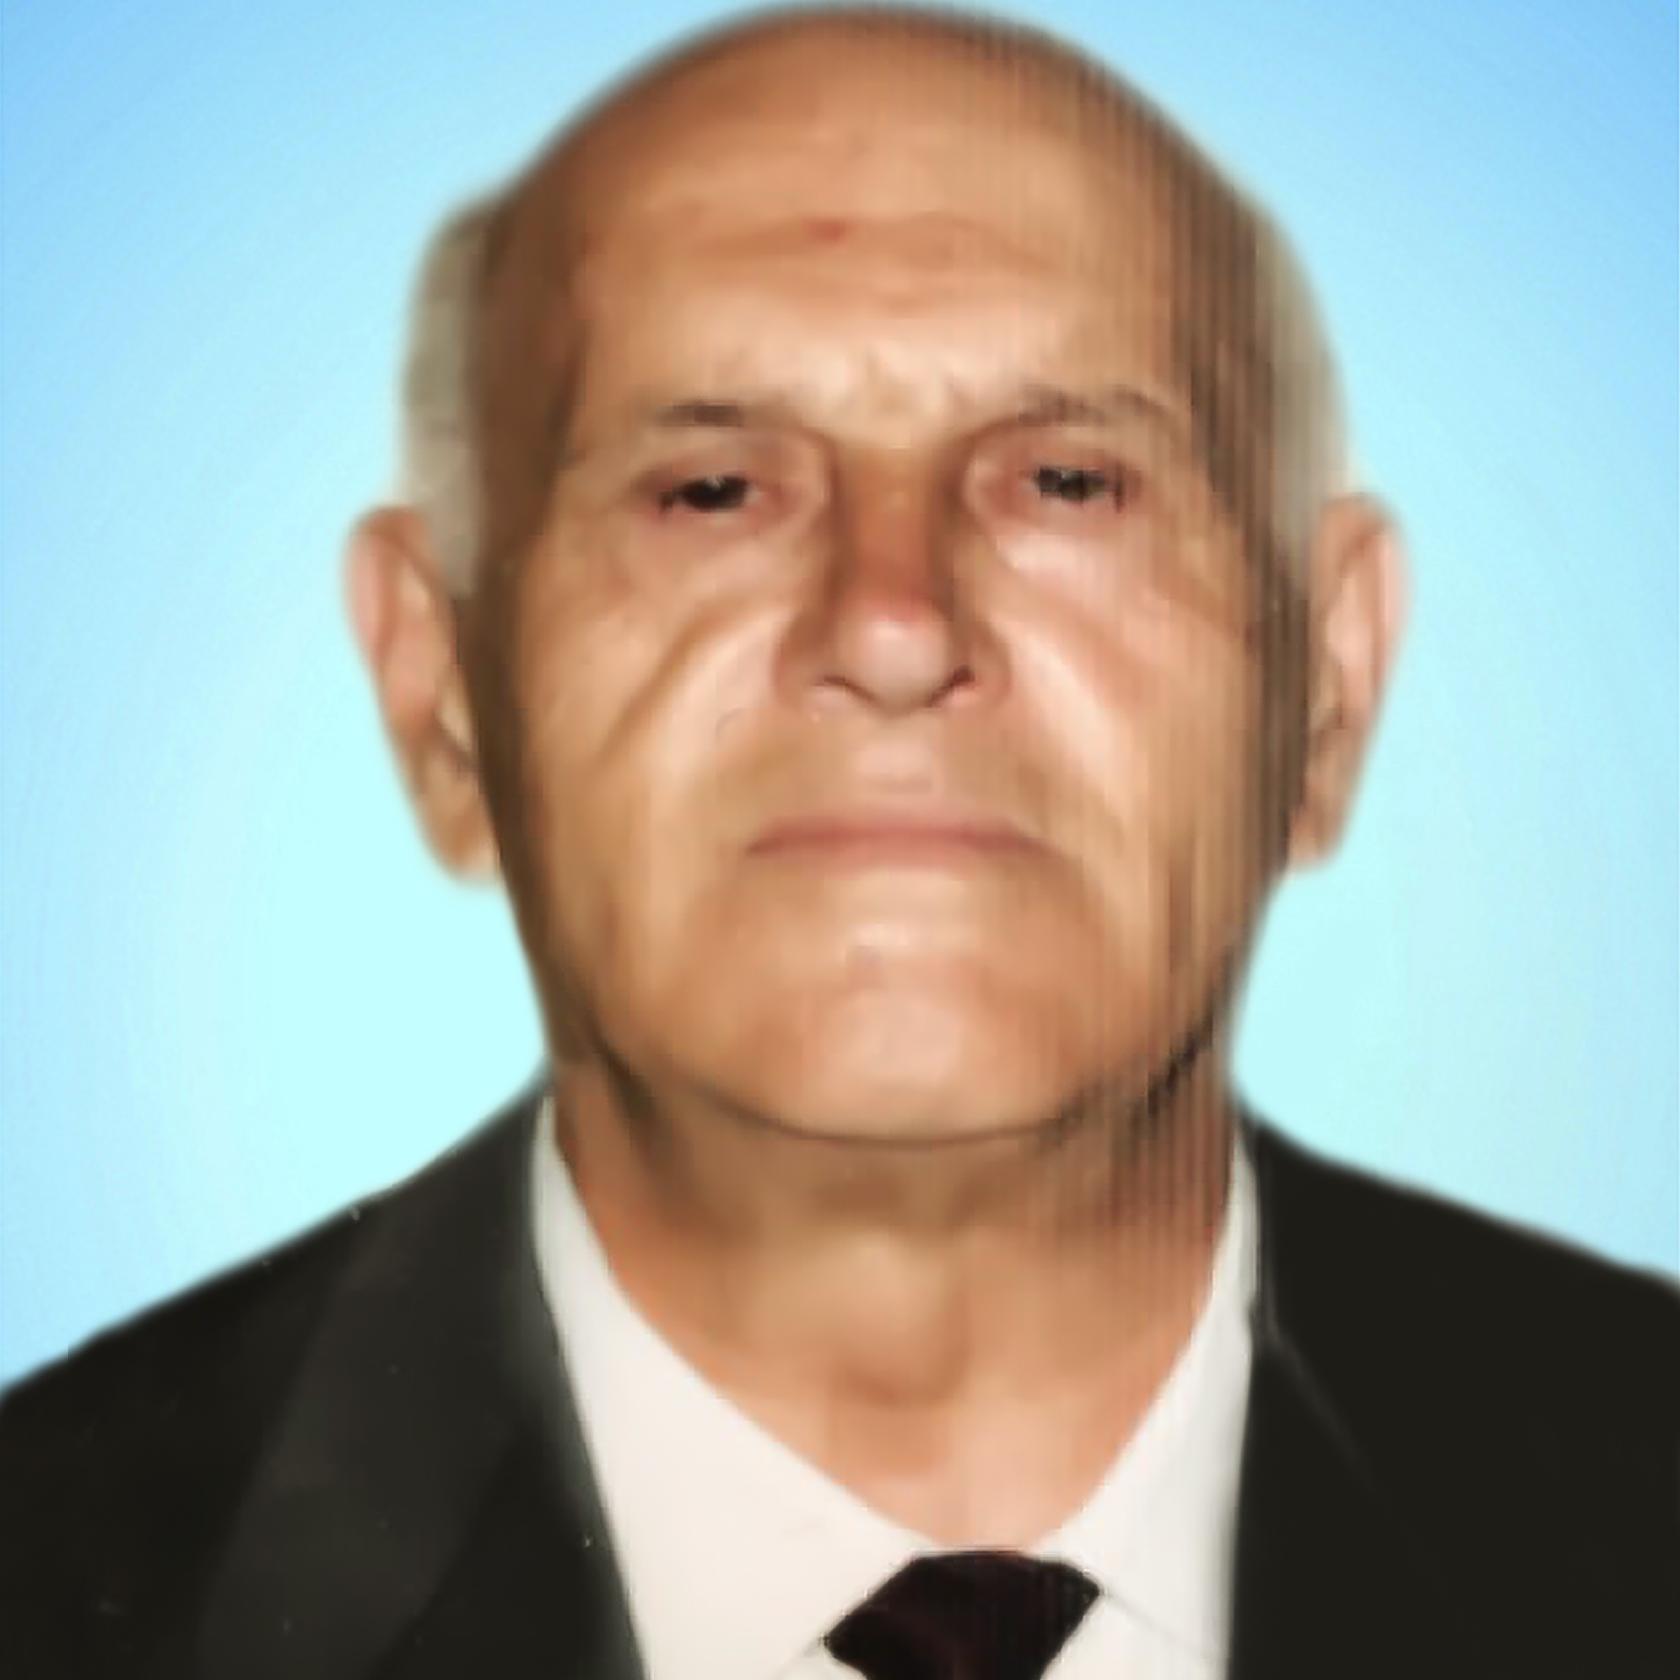 Alfonso Sorrentino